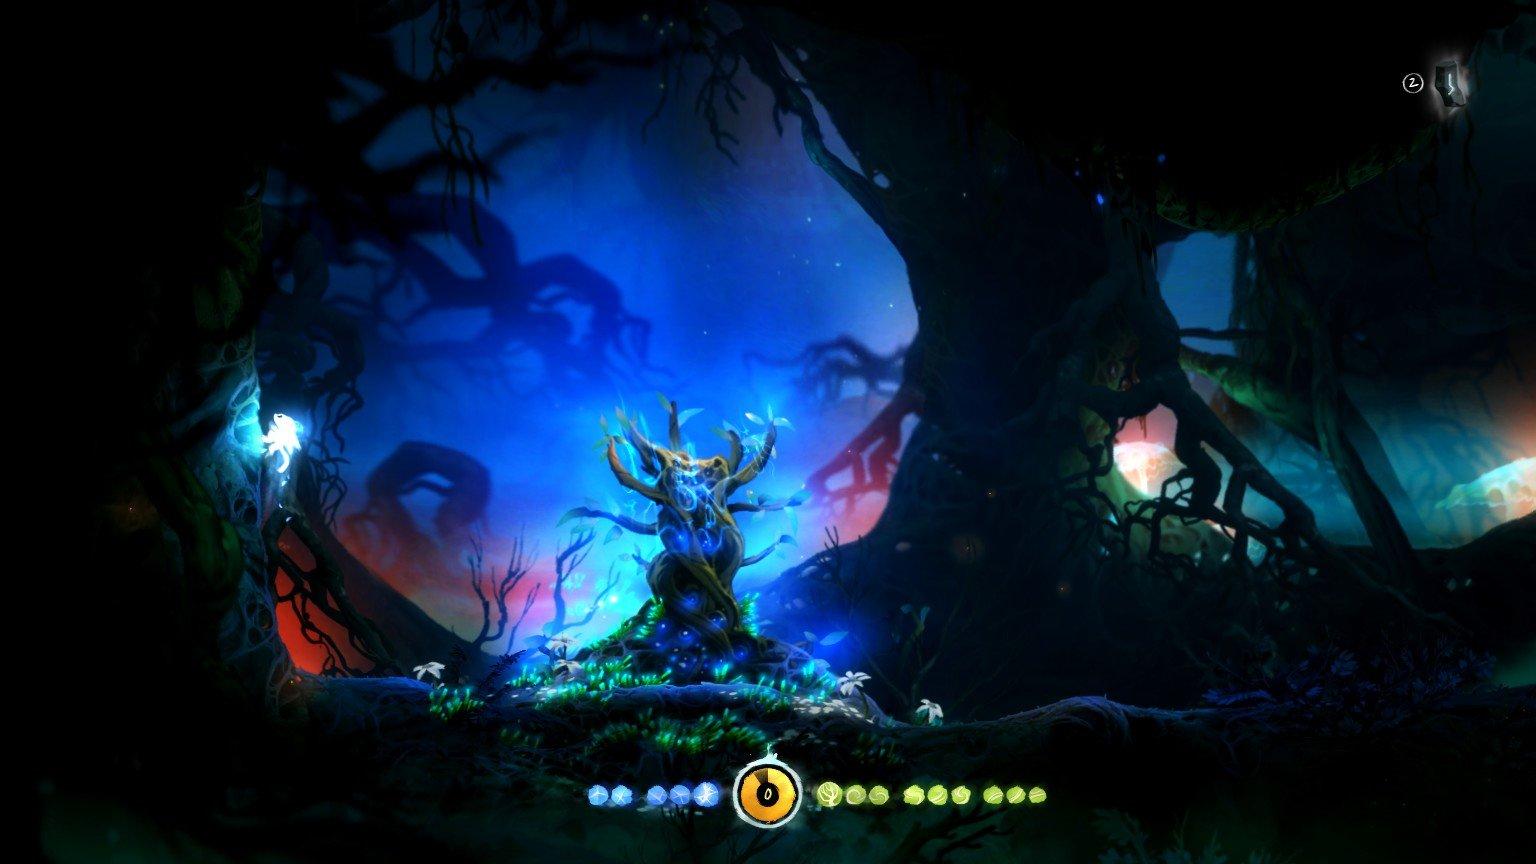 Вопль-прохождение Ori and the Blind Forest ... и тут получилось дофига скриншотов... - Изображение 19